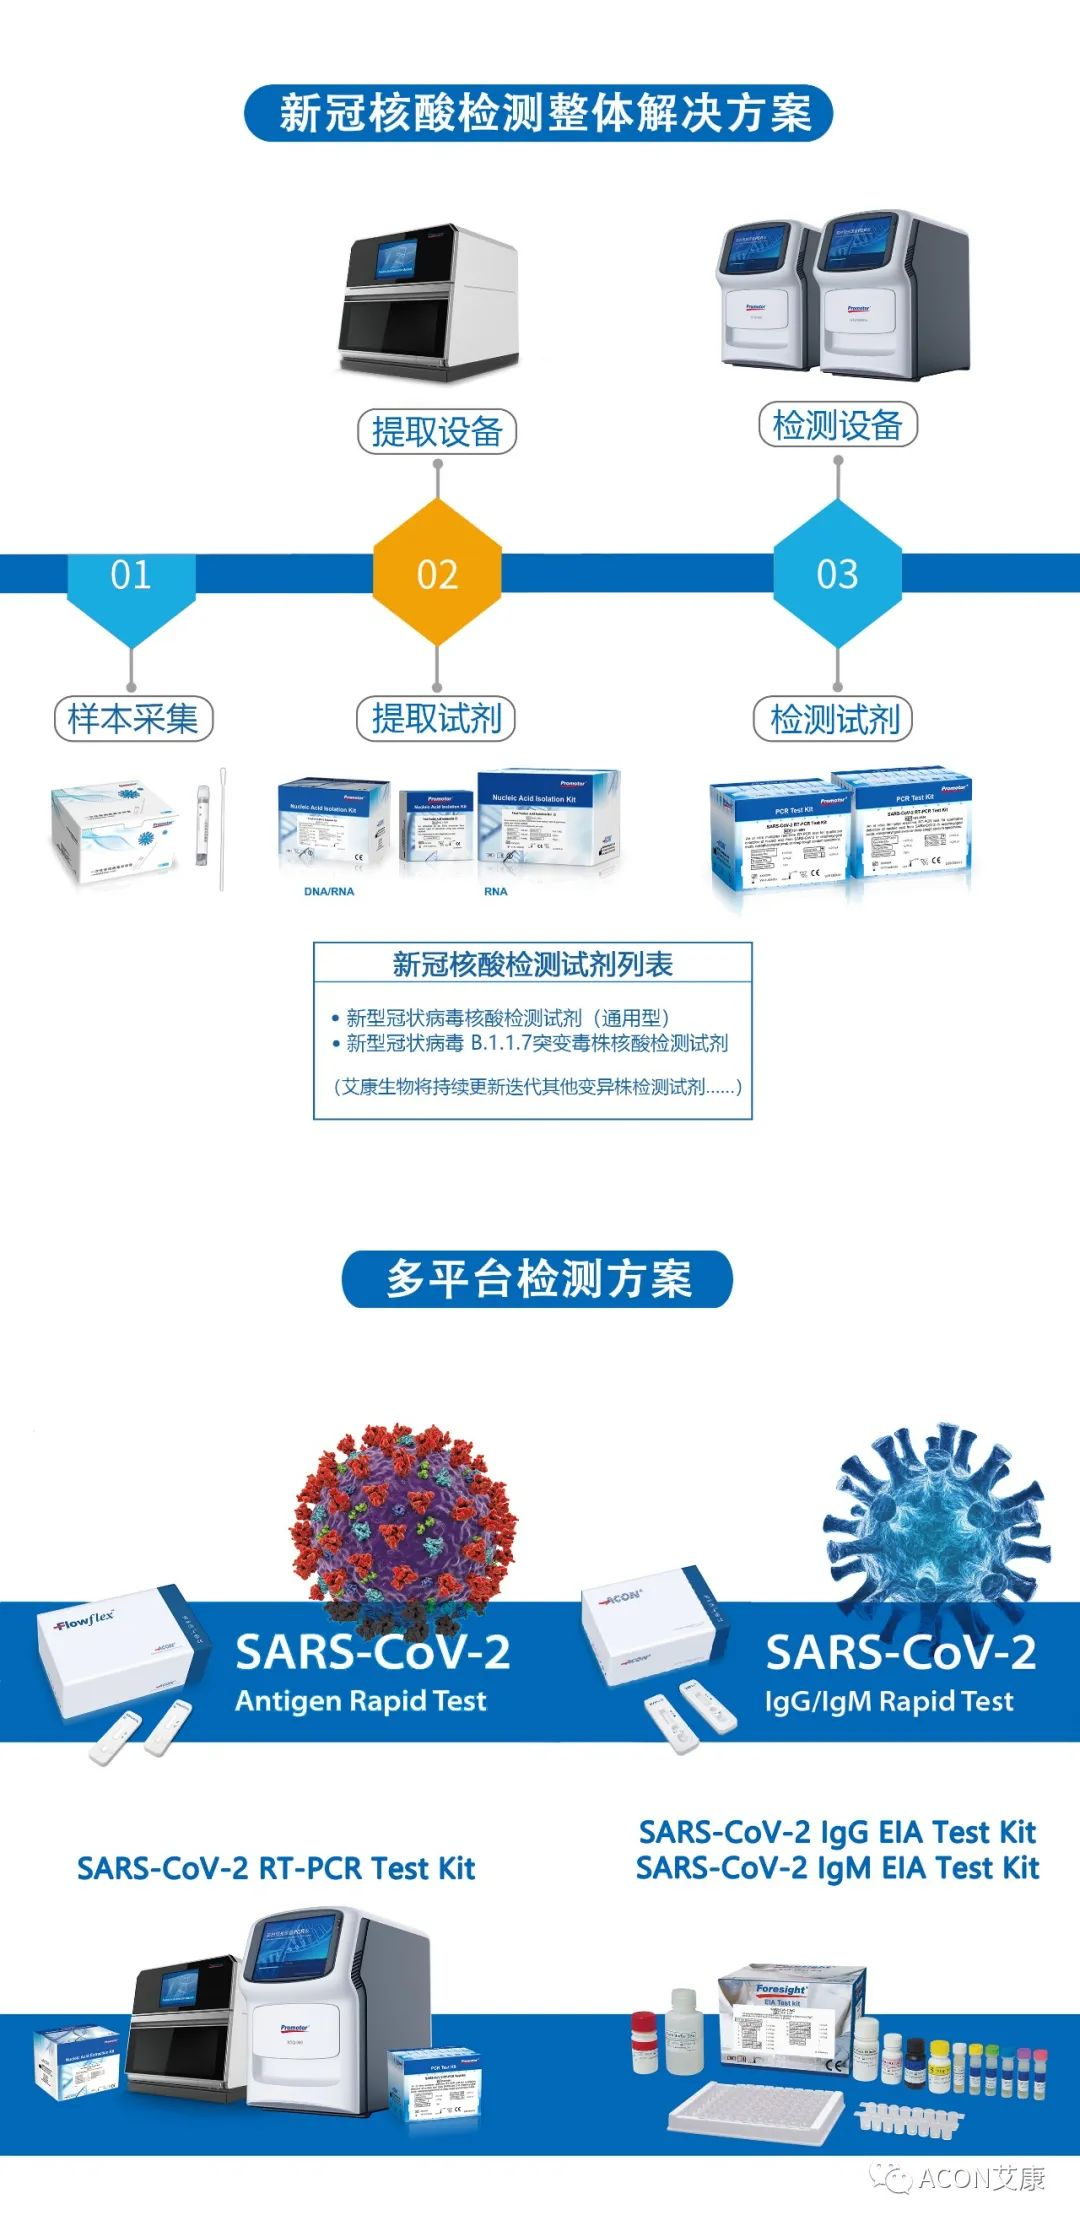 一管多检,艾康生物成功研发新型冠状病毒 B.1.1.7突变毒株核酸检测试剂